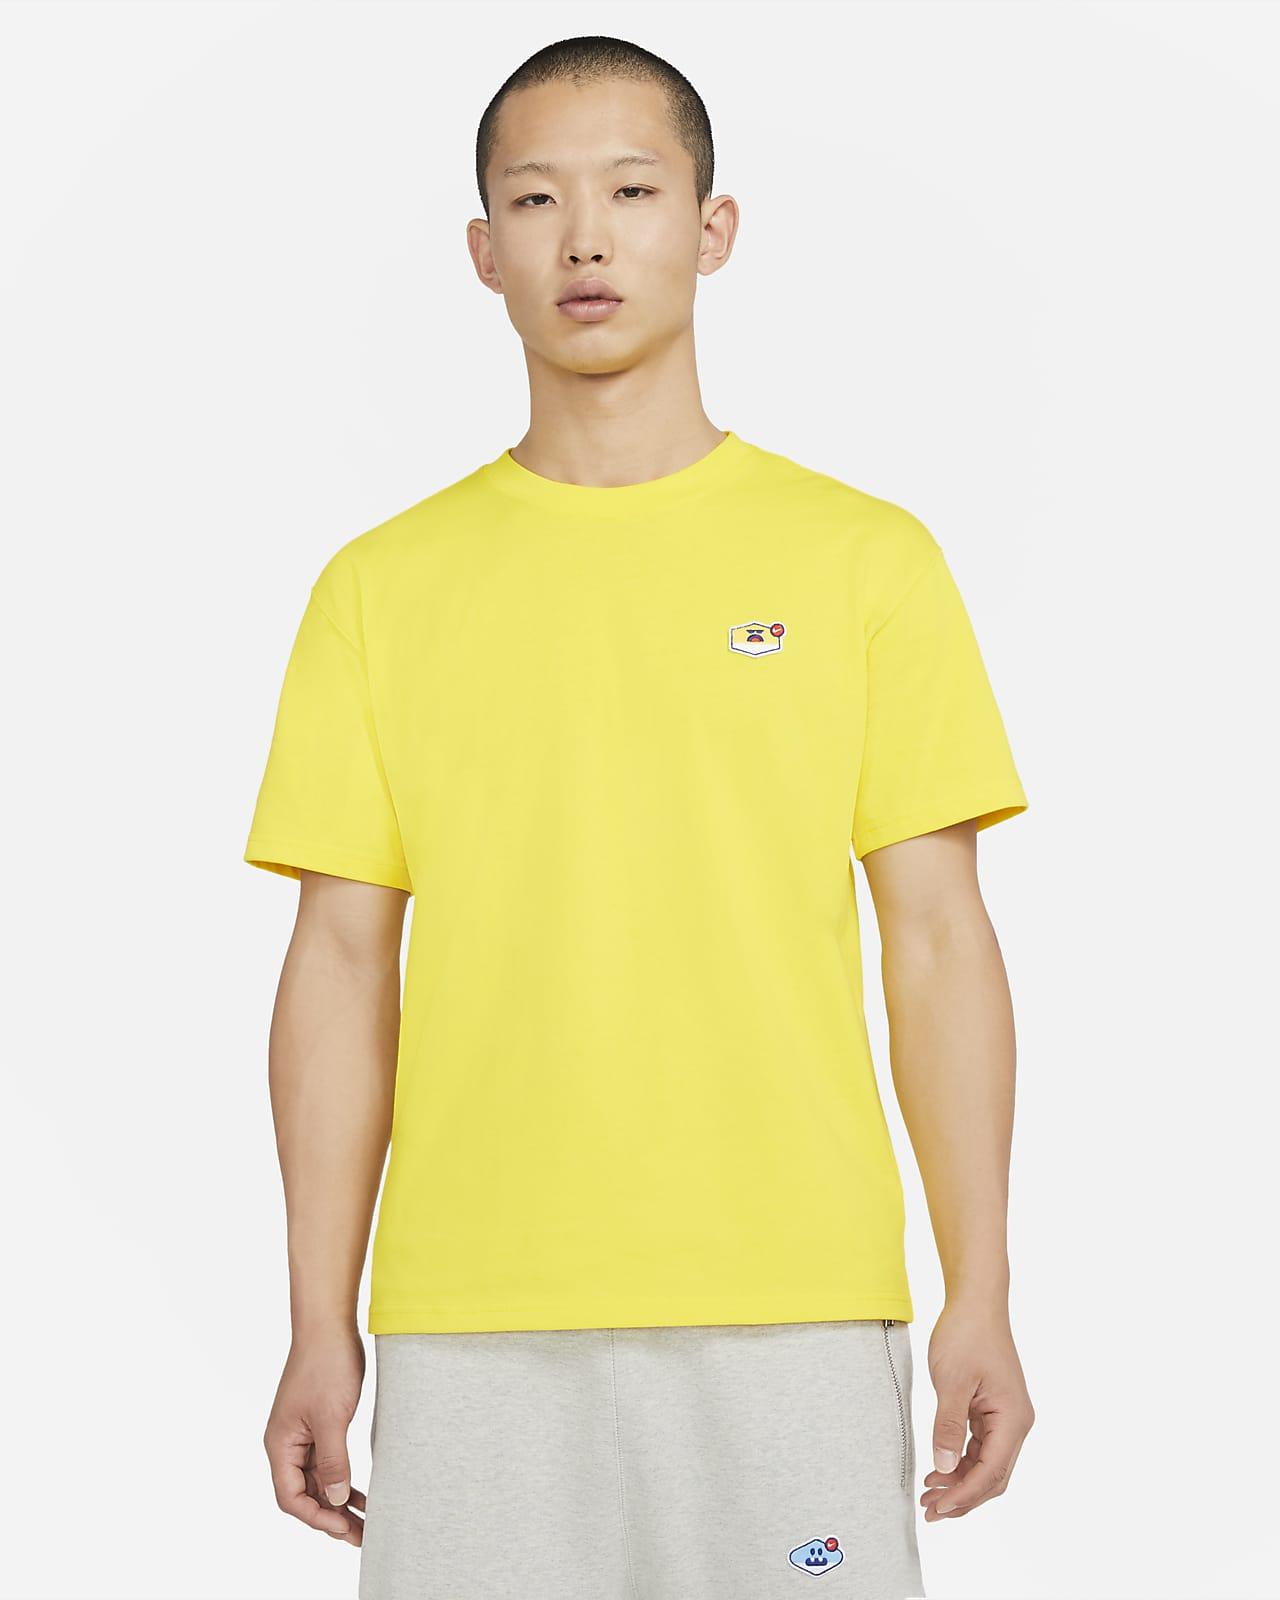 เสื้อยืดผู้ชาย Nike Sportswear Max 90